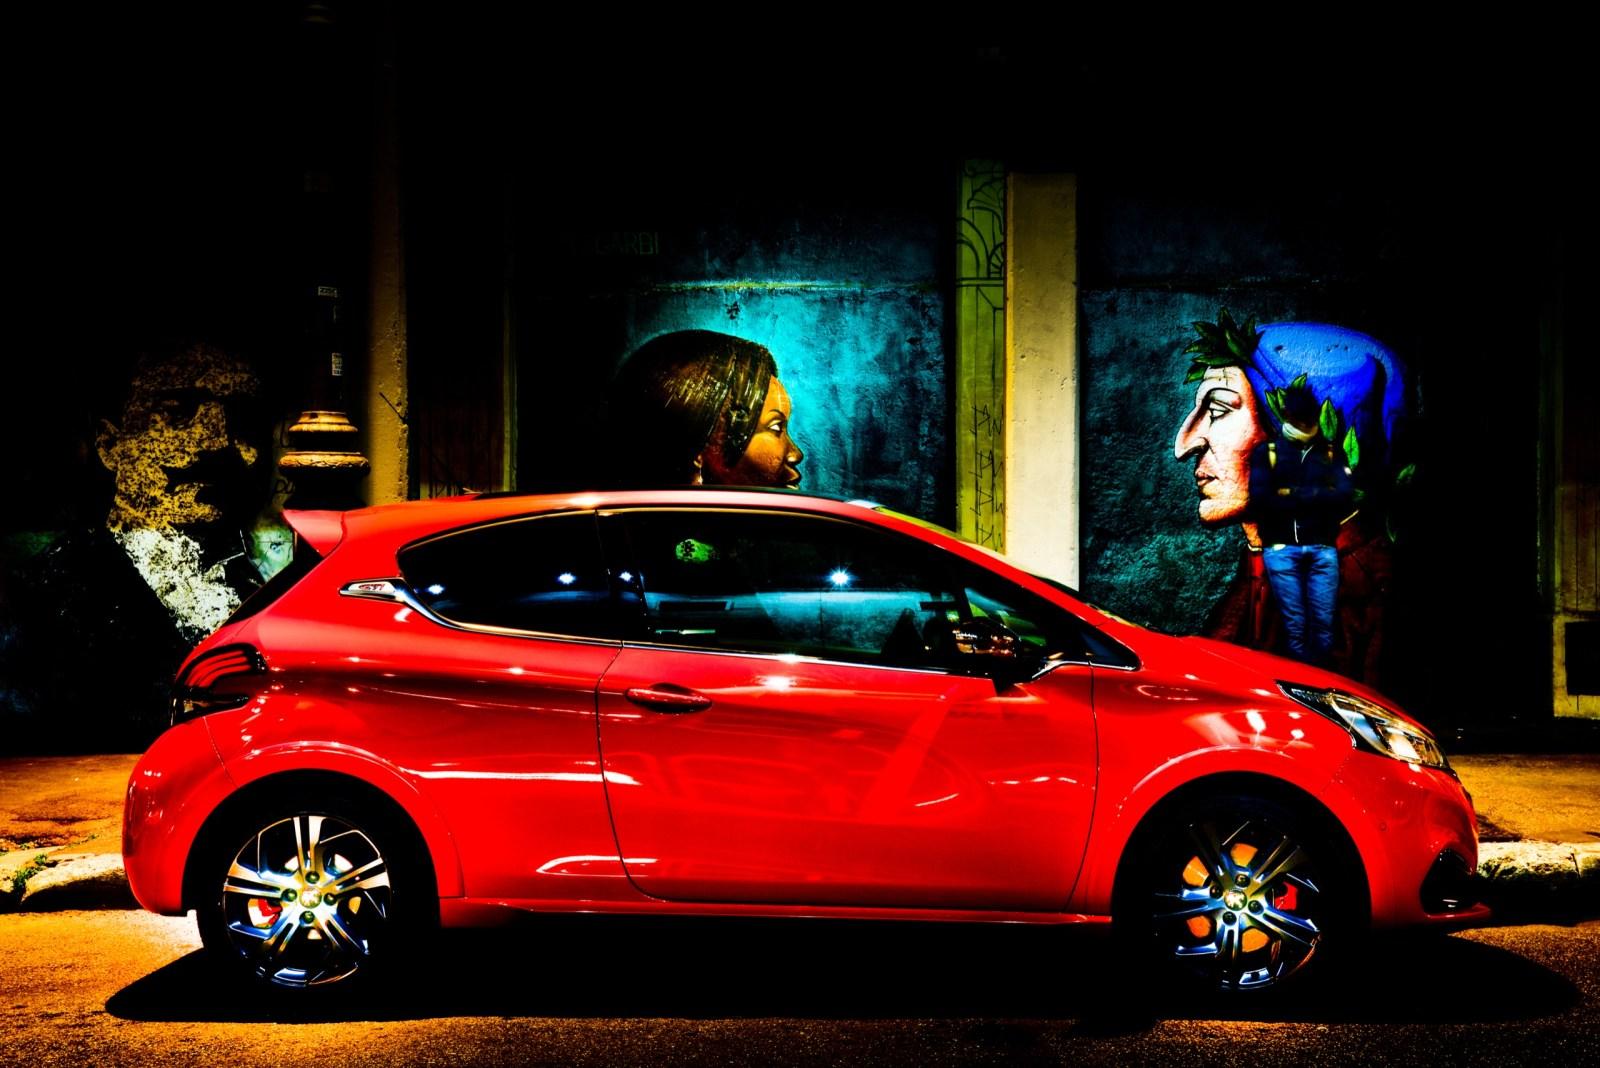 PEUGEOT 208 GTi, Divina Automobile ©lucaromanopix